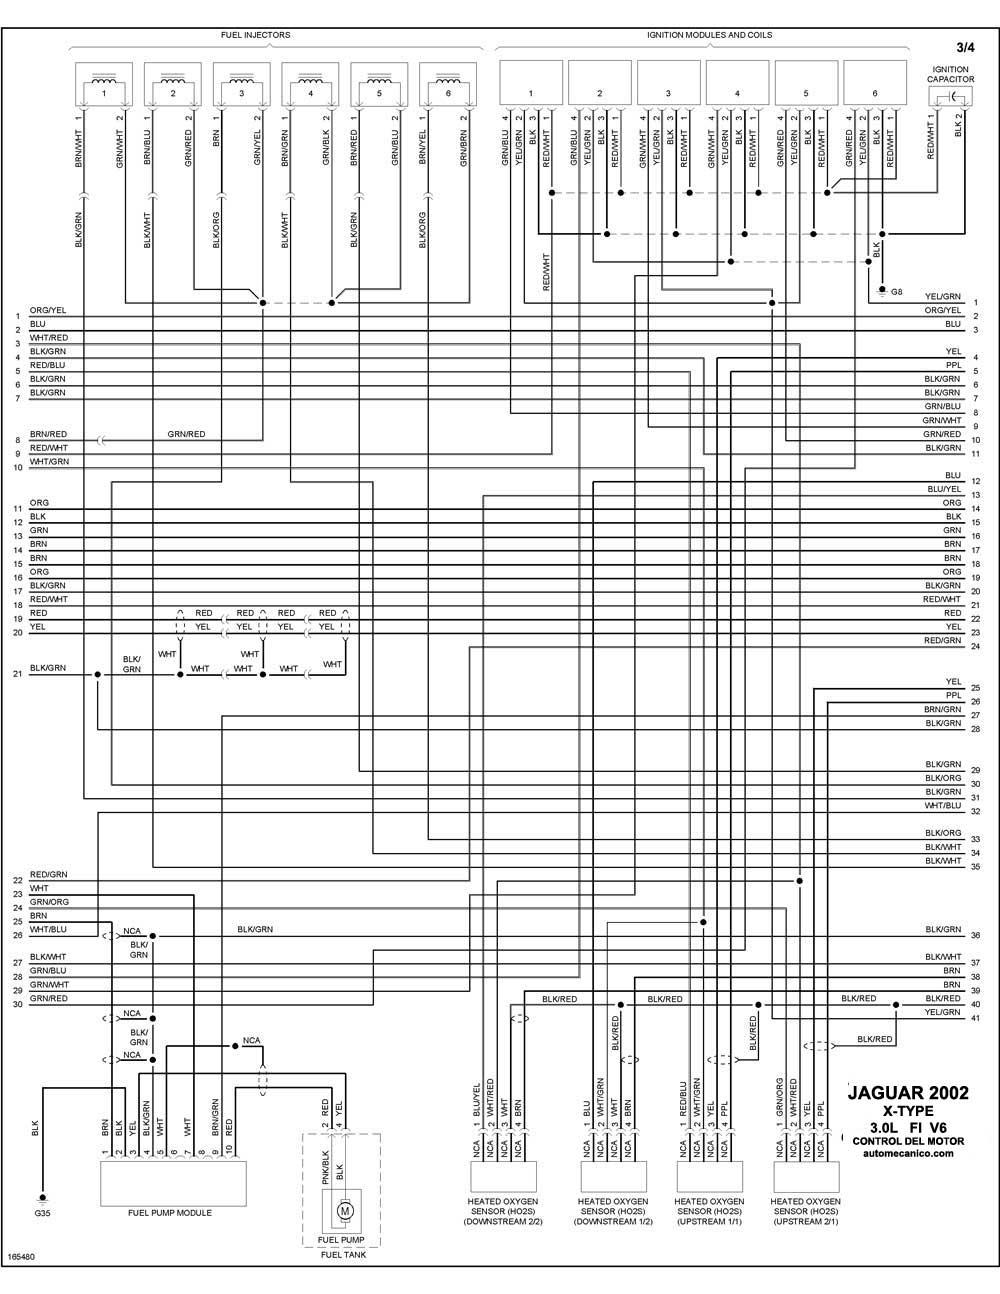 jaguar - diagramas control del motor 2002